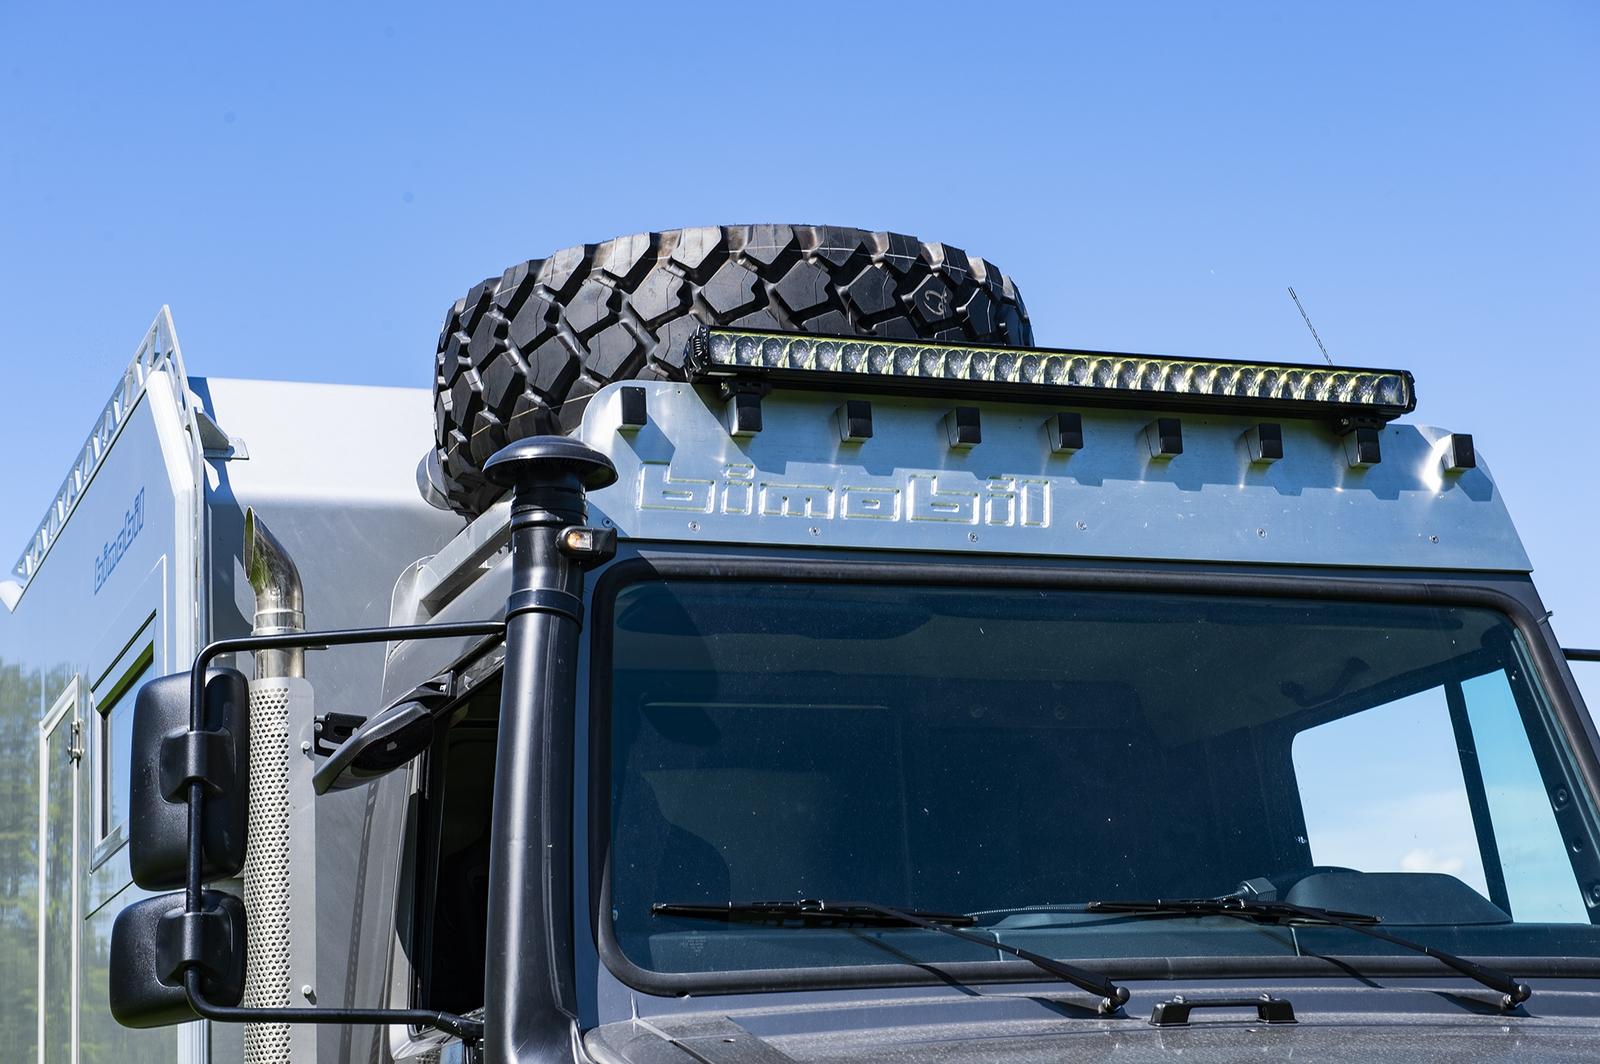 Über das Fahrerhaus passt kein Alkoven zum Schlafen. Dafür bleibt Platz für Ersatzrad oder Alukisten für Werkzeug und Ersatzteile.